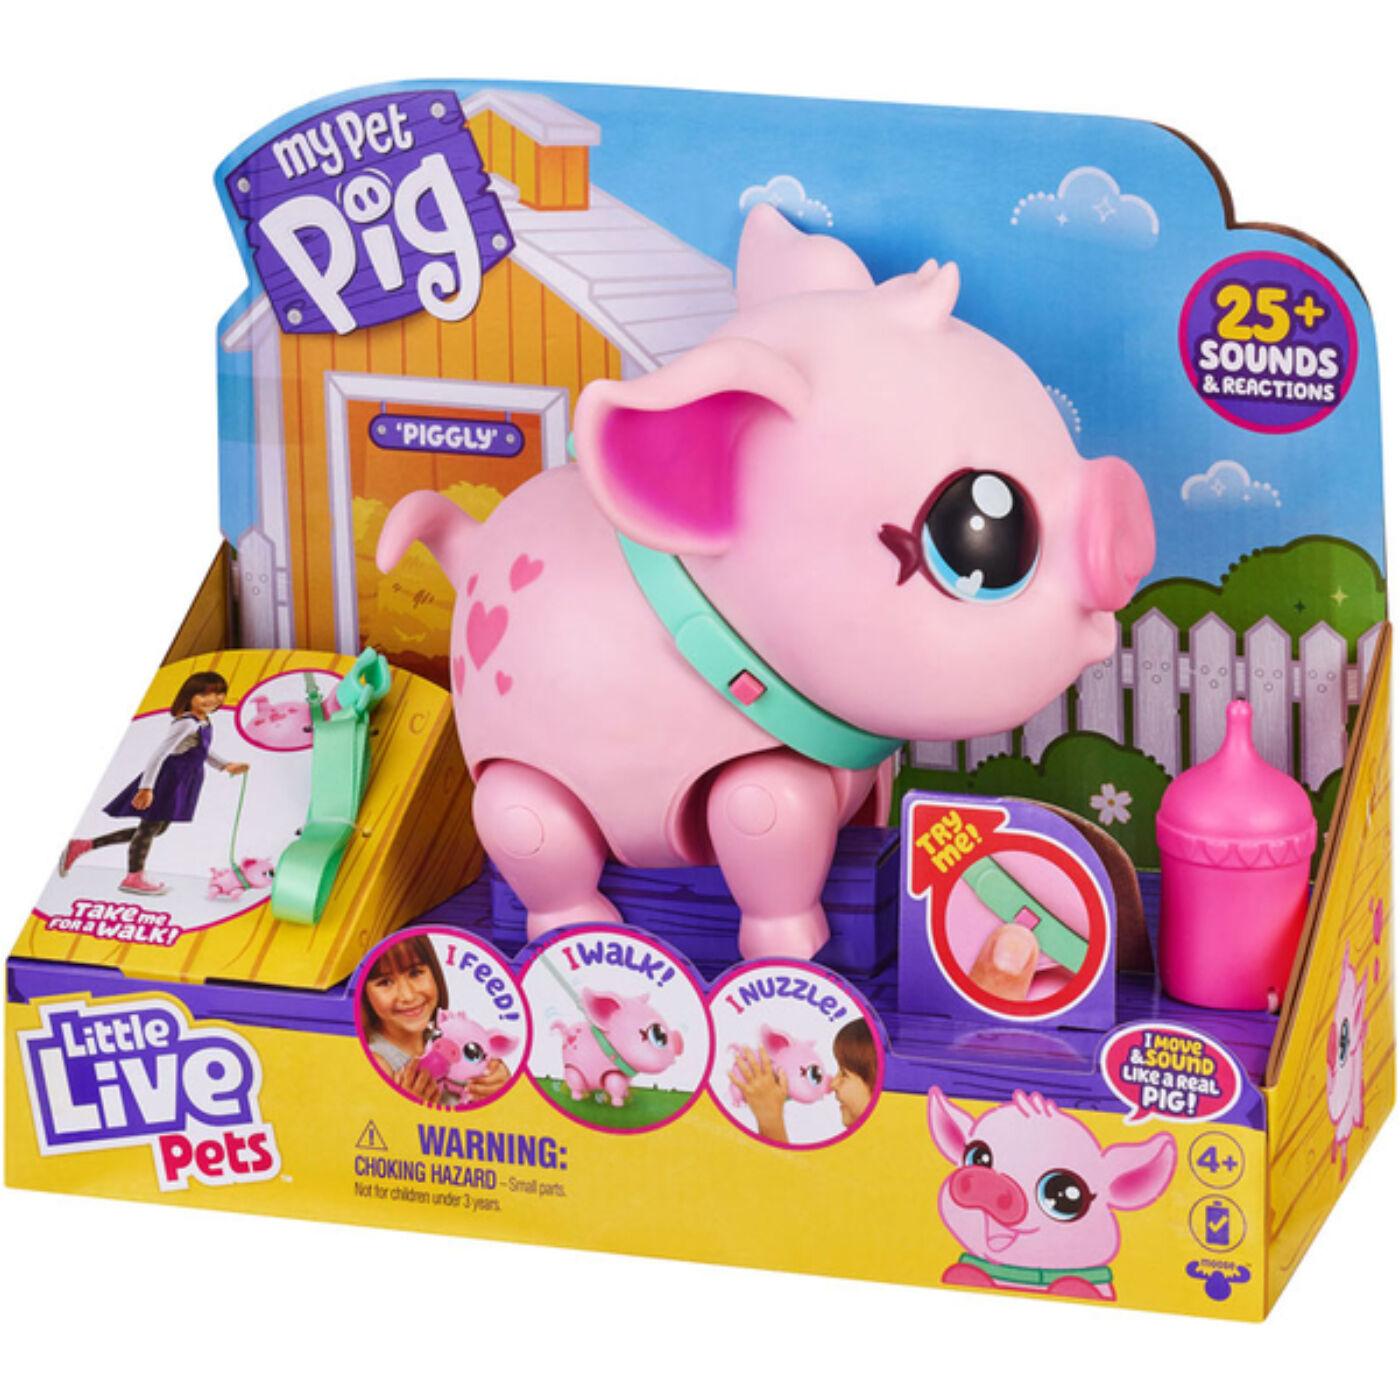 Pinki, a kismalac